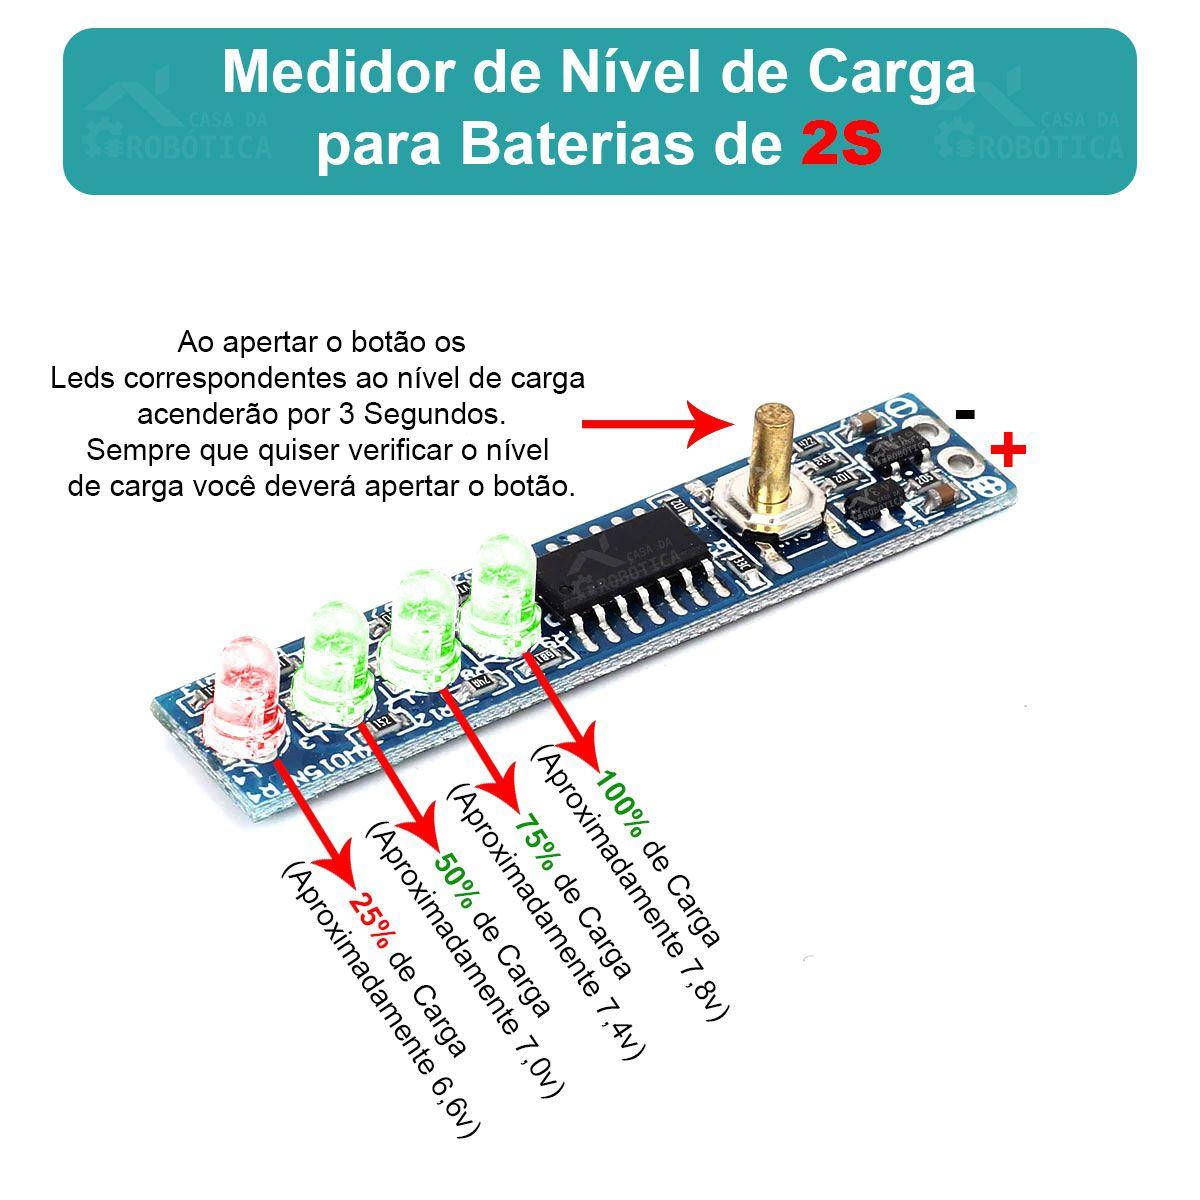 Voltíimetro Indicador de Nível de Carga para Baterias 2S 8,4V